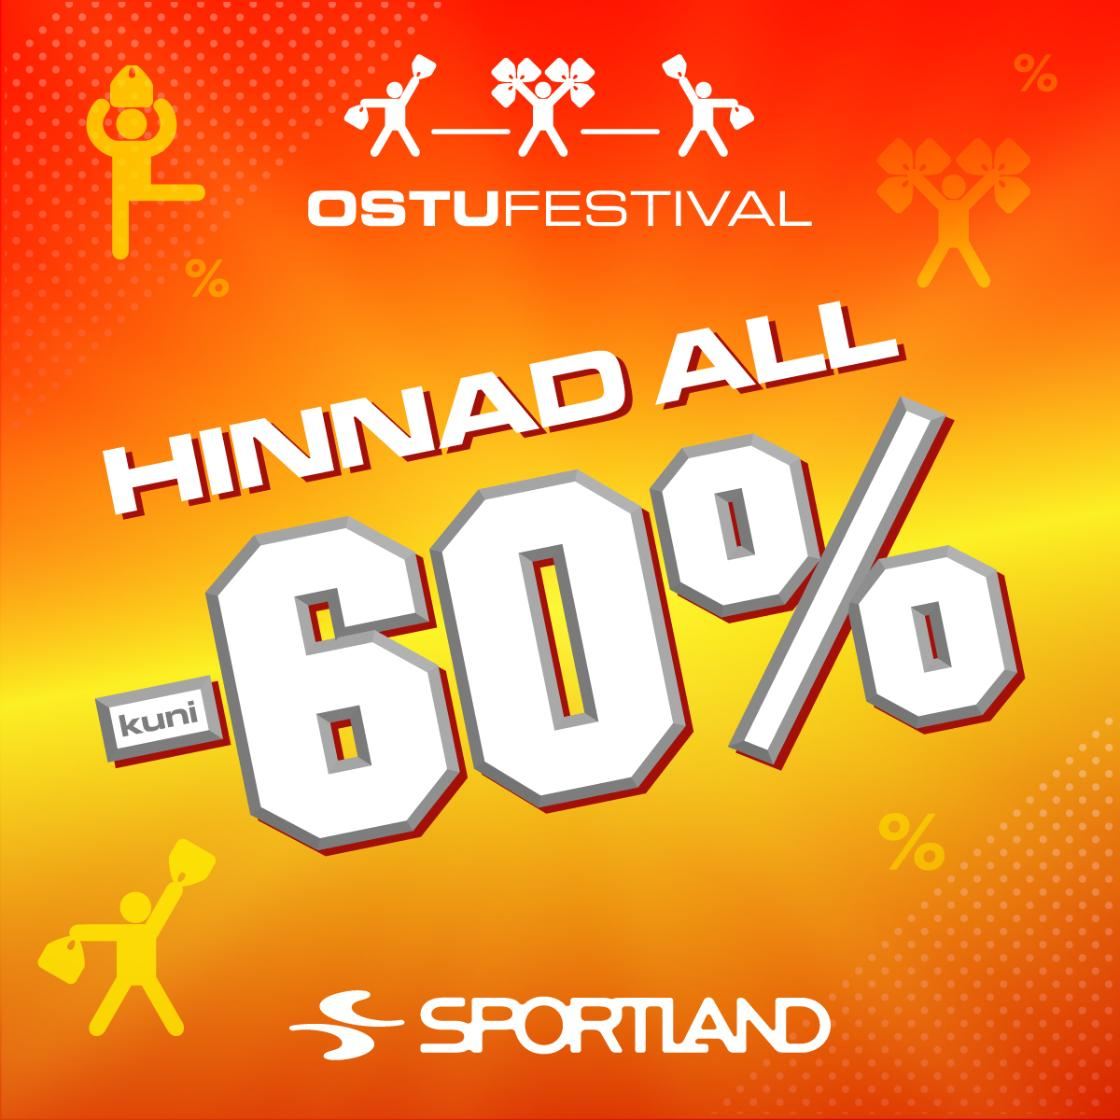 Sportlandis on OSTUFESTIVAL! - Sportland